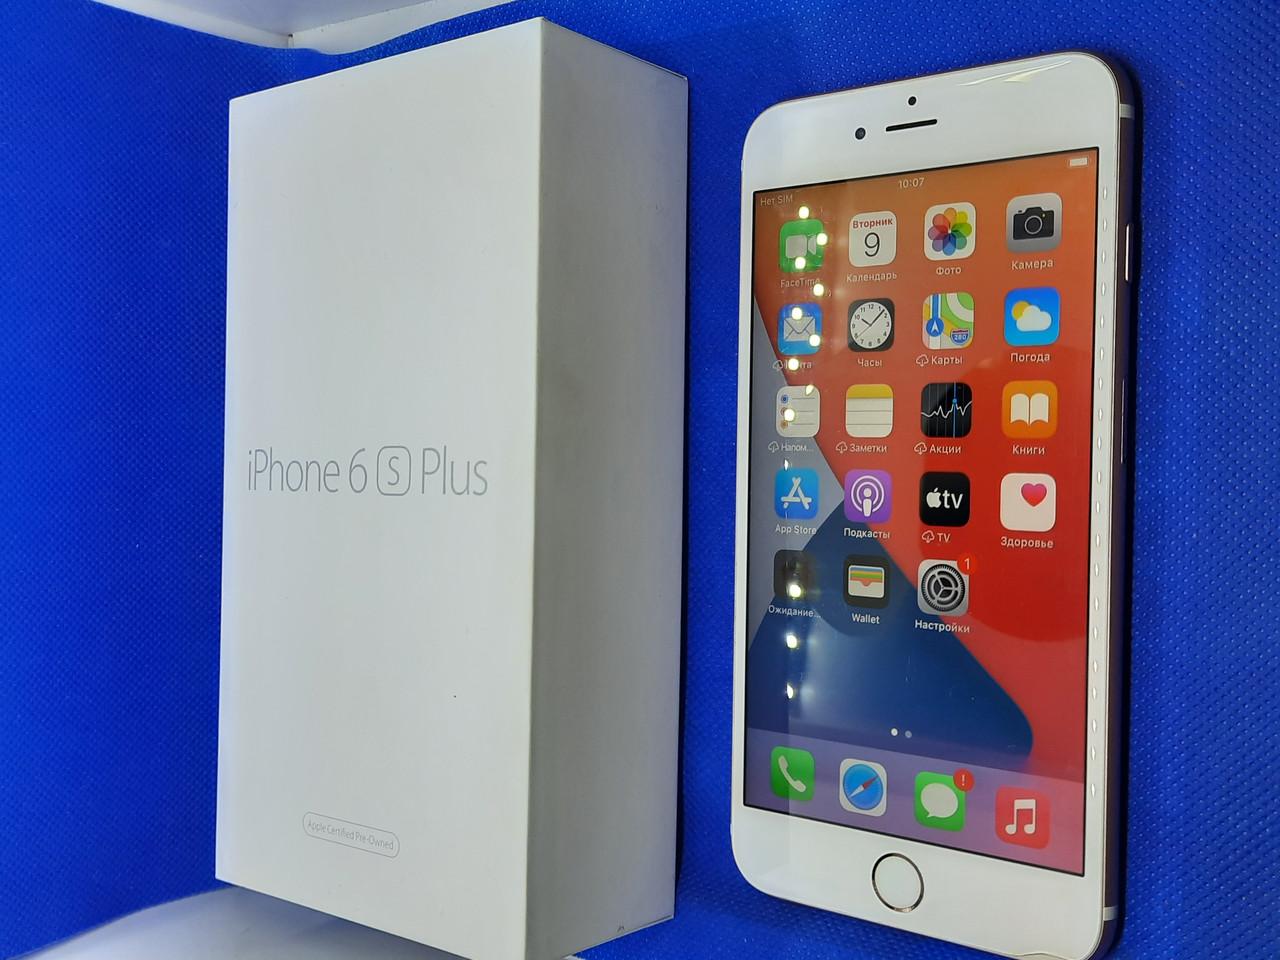 Apple iPhone 6s Plus 16GB Rose Gold #1340-1